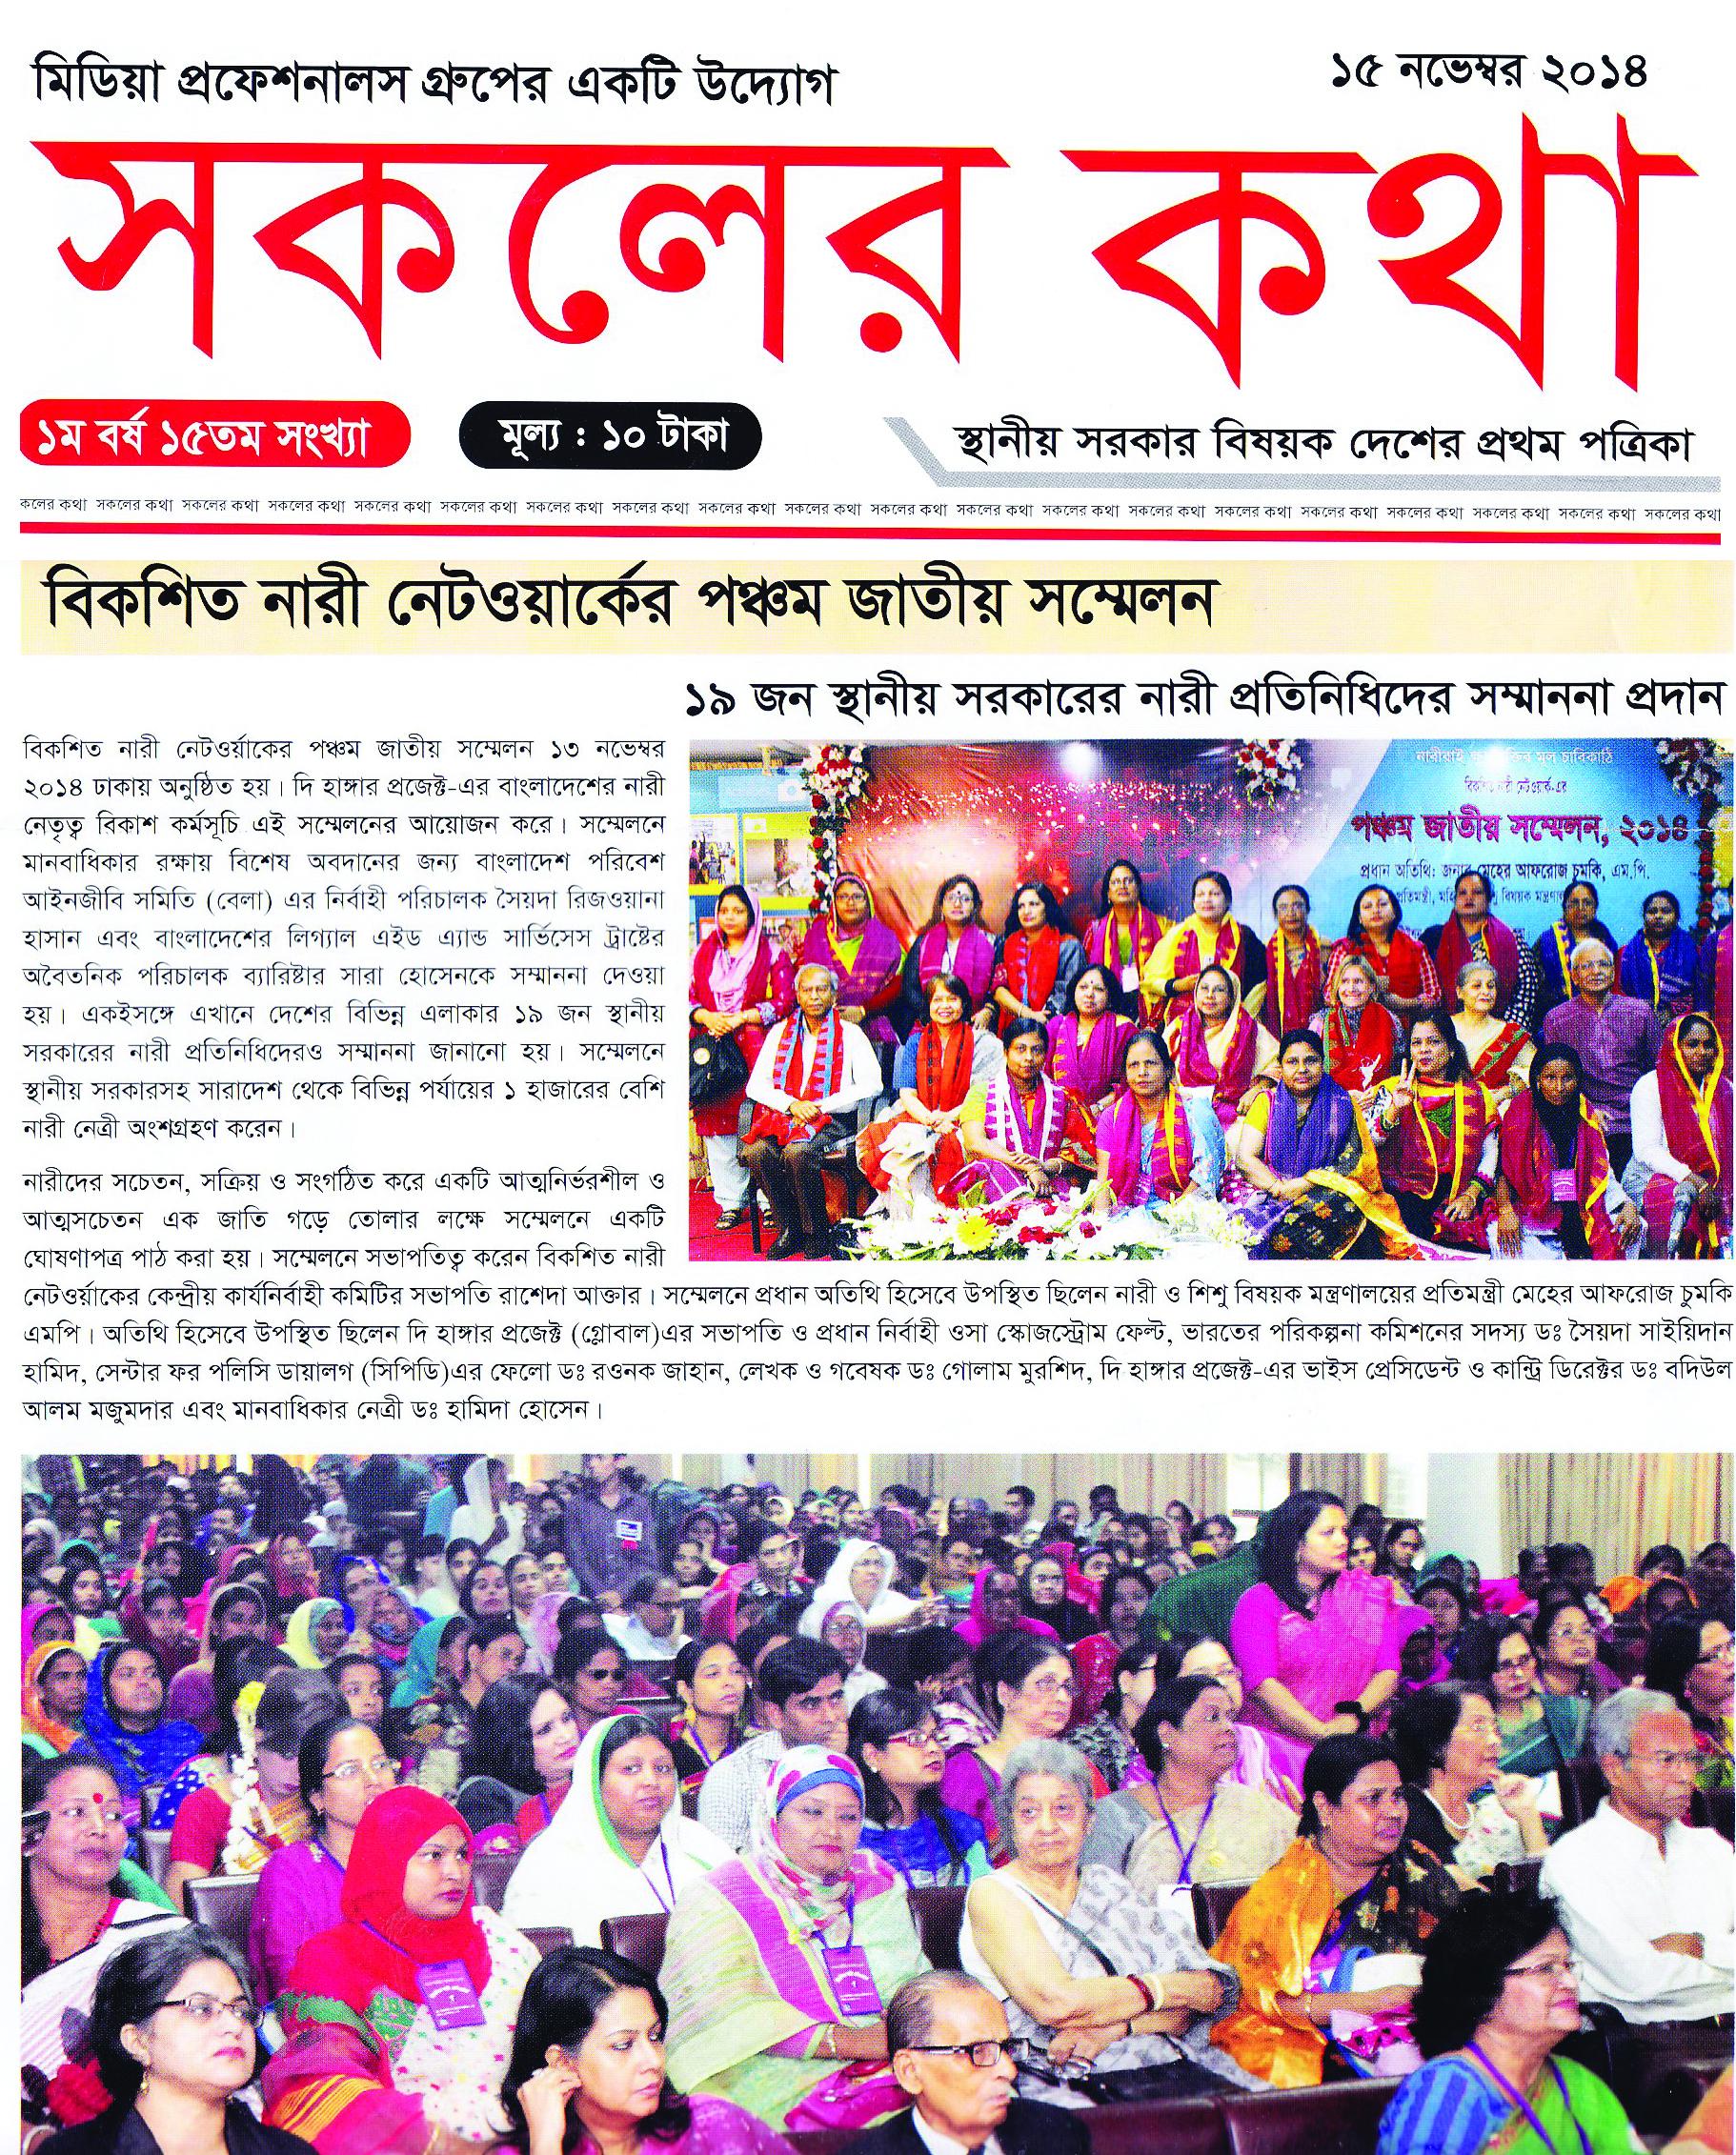 BNN conference news in LOGIN newsletter Sokoler Kotha